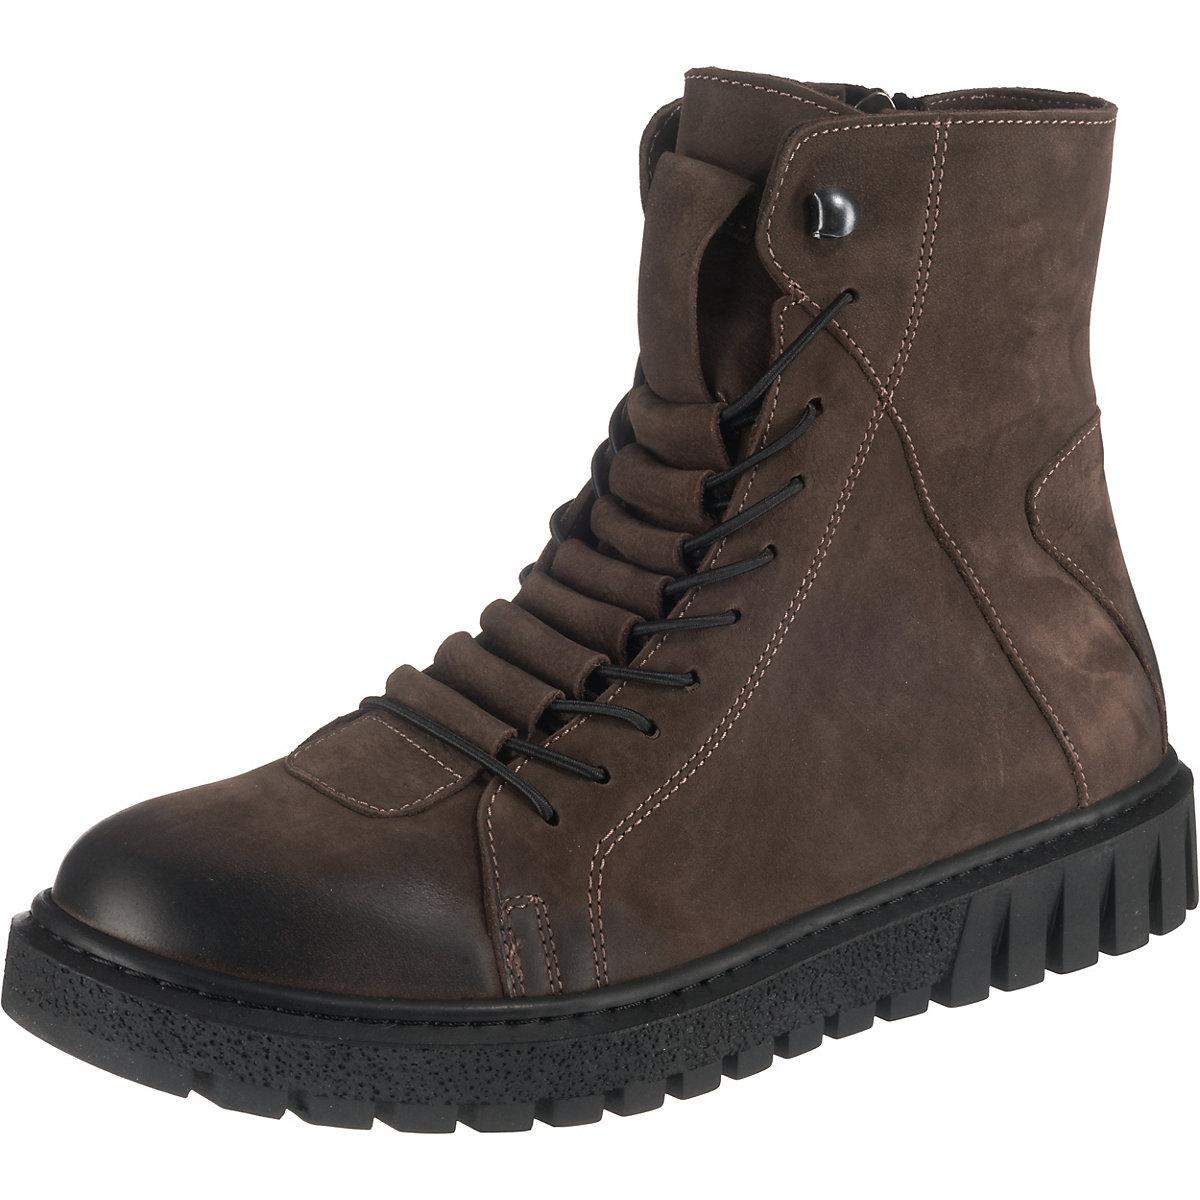 JOLANA & FENENA, Klassische Stiefeletten, braun  Gute Qualität beliebte Schuhe